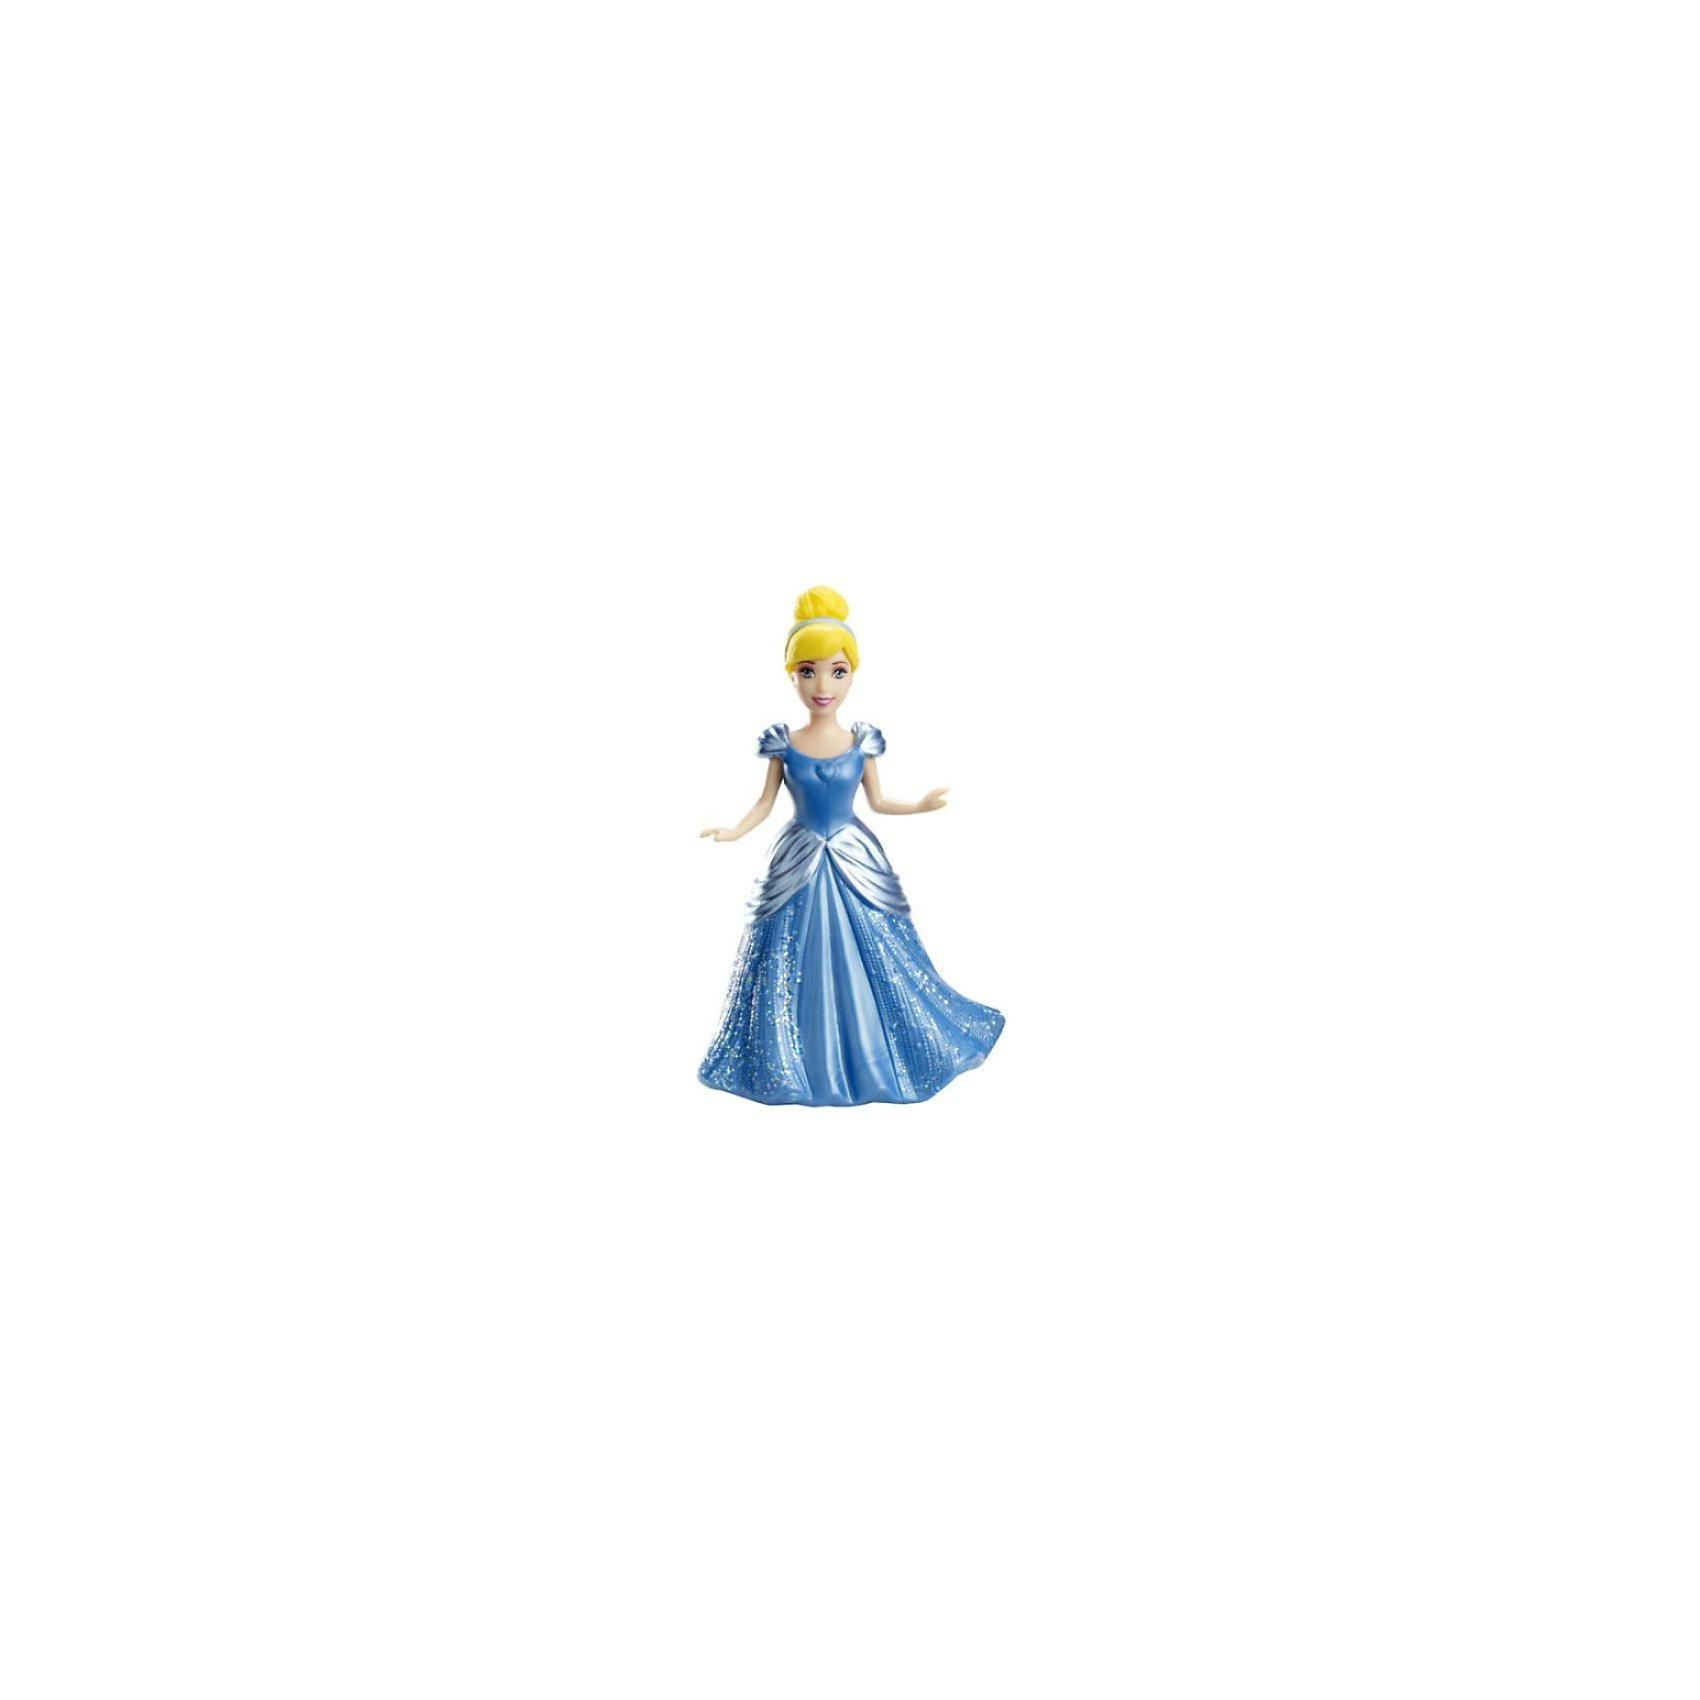 Мини-кукла Disney Принцесса ЗолушкаМини-куколка  принцесса Золушка в красивом голубом переливающемся платьице будет отличным подарком для Вашей малышки. Благодаря тому, что платье выполнено по специальной технологии MagiClip  из мягкого пластика, оно легко снимается и меняется.<br><br> Соберите коллекцию любимых принцесс в обновленных платьях и устройте настоящий бал.<br><br> Высота куклы: 10 см<br><br>Ширина мм: 90<br>Глубина мм: 55<br>Высота мм: 123<br>Вес г: 53<br>Возраст от месяцев: 36<br>Возраст до месяцев: 72<br>Пол: Женский<br>Возраст: Детский<br>SKU: 3219484